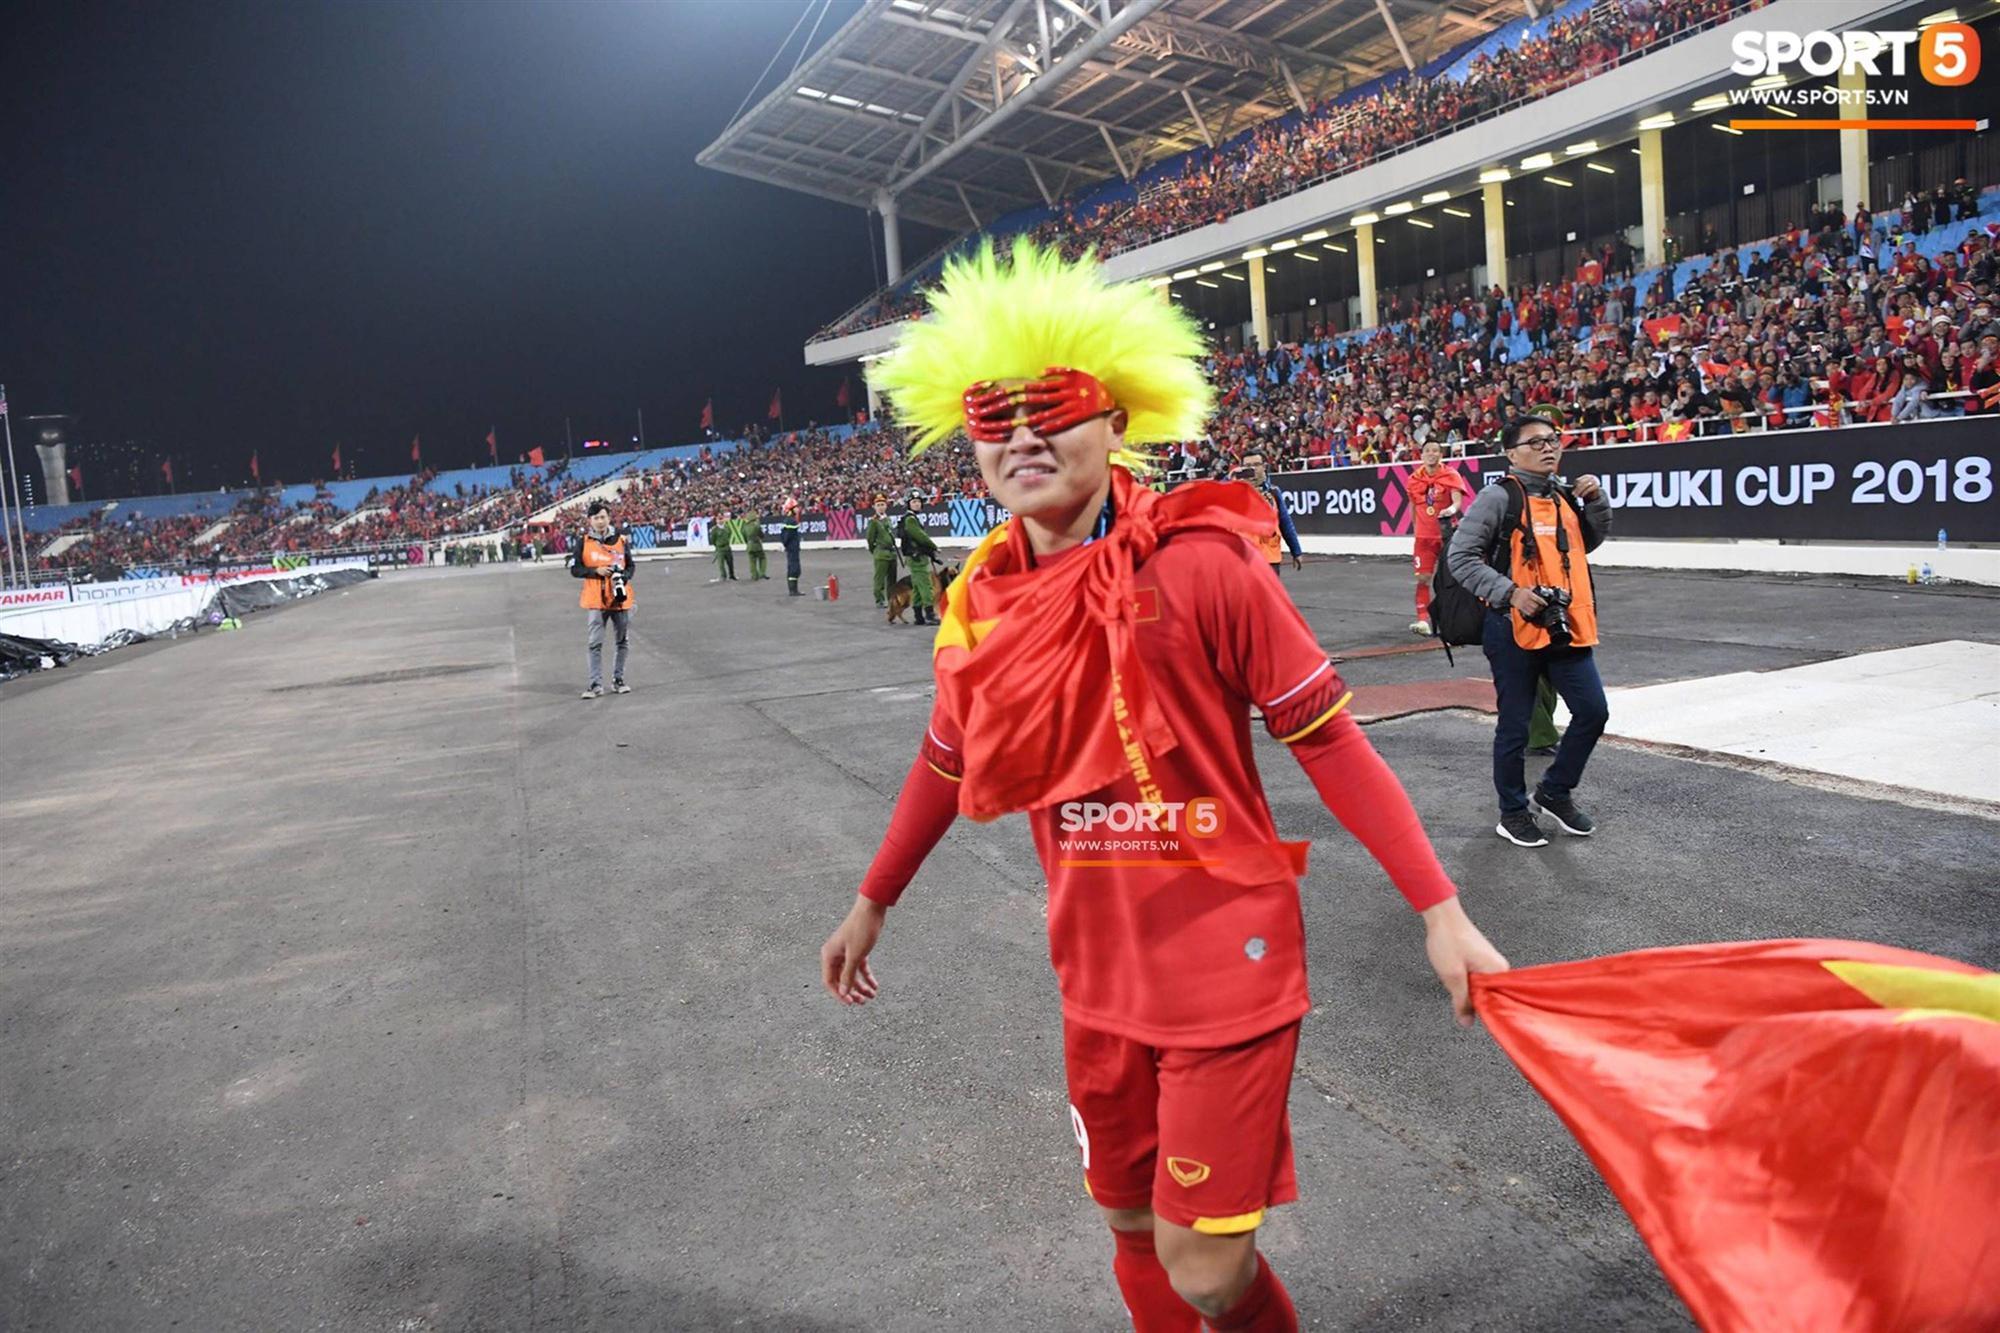 Quang Hải đội tóc giả màu nõn chuối, đi tung tăng khắp sân, xứng đáng là màn ăn mừng cute nhất sau trận chung kết-3